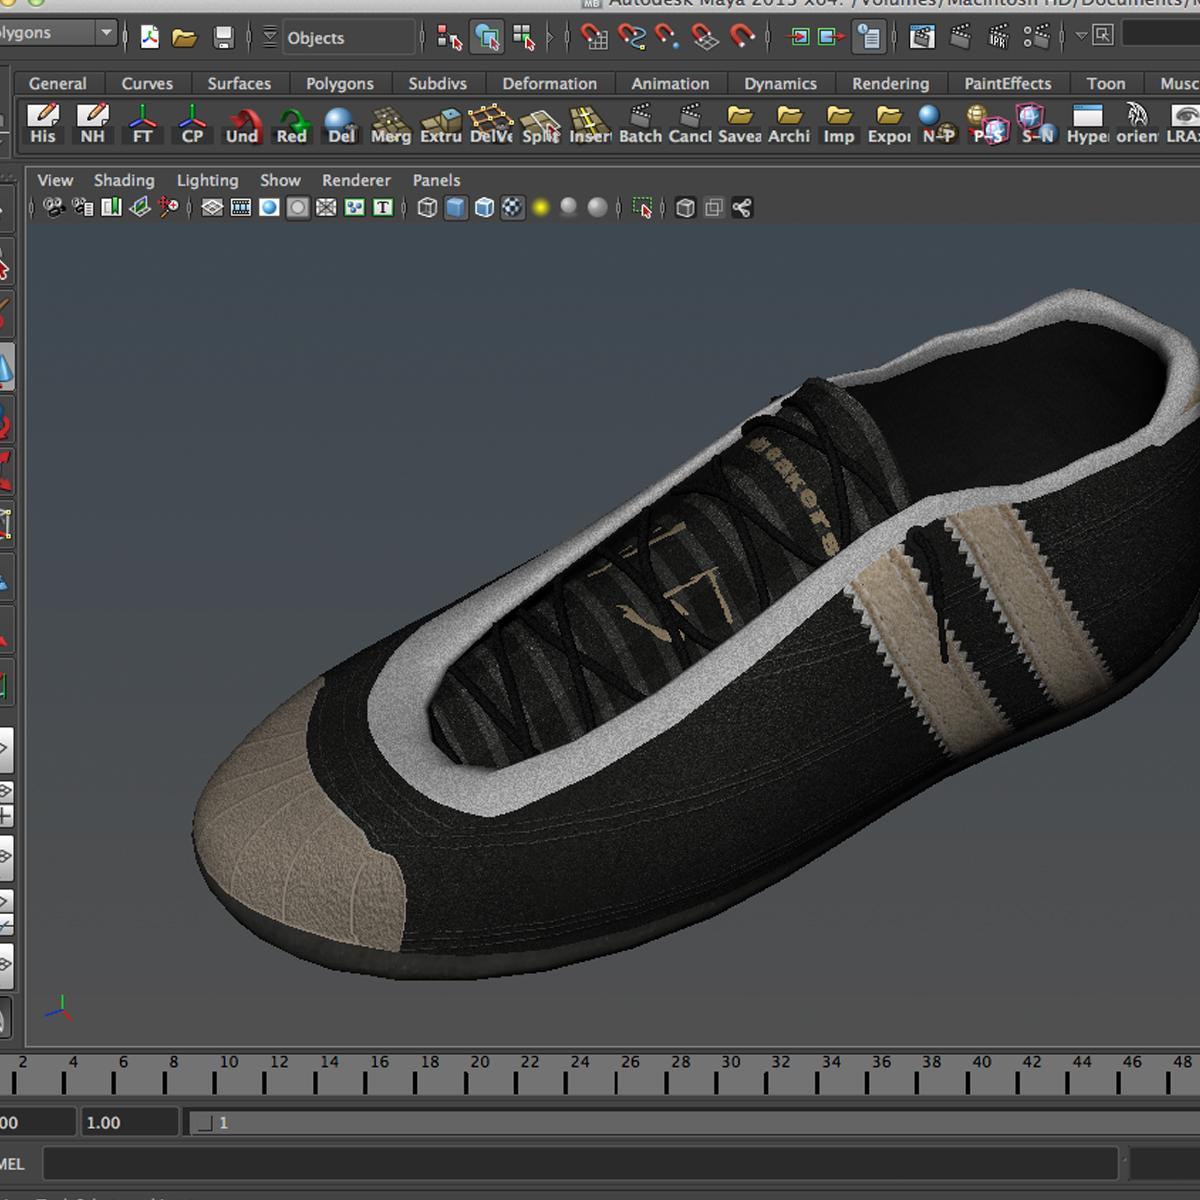 sneakers 3d model 3ds max fbx c4d ma mb obj 160394